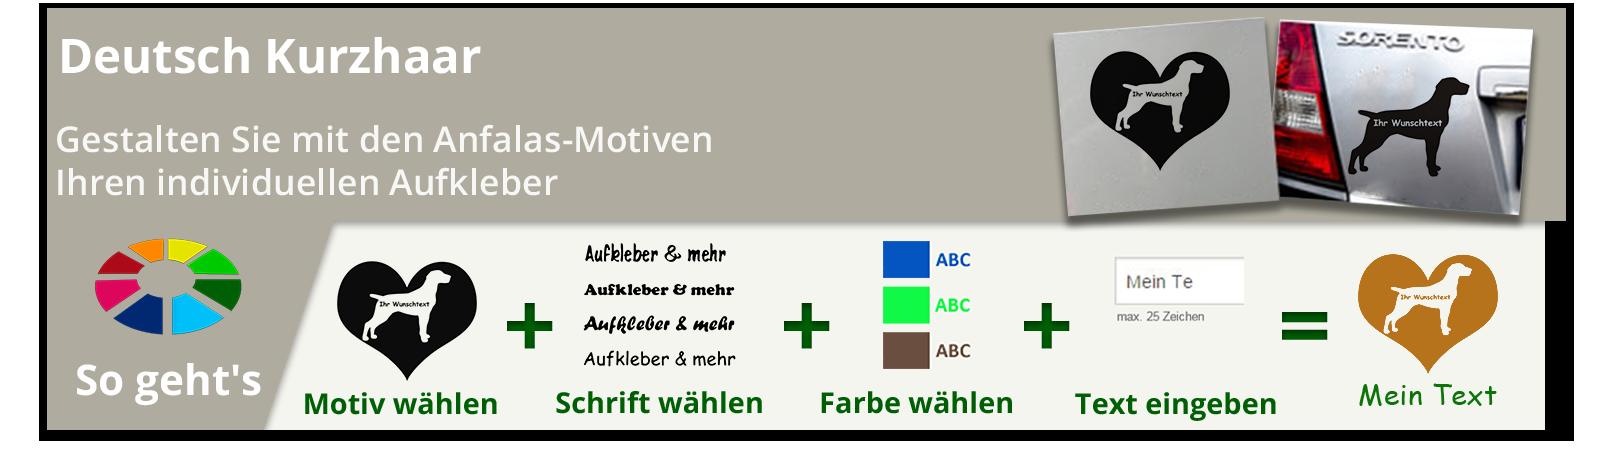 Deutsch Kurzhaar Aufkleber